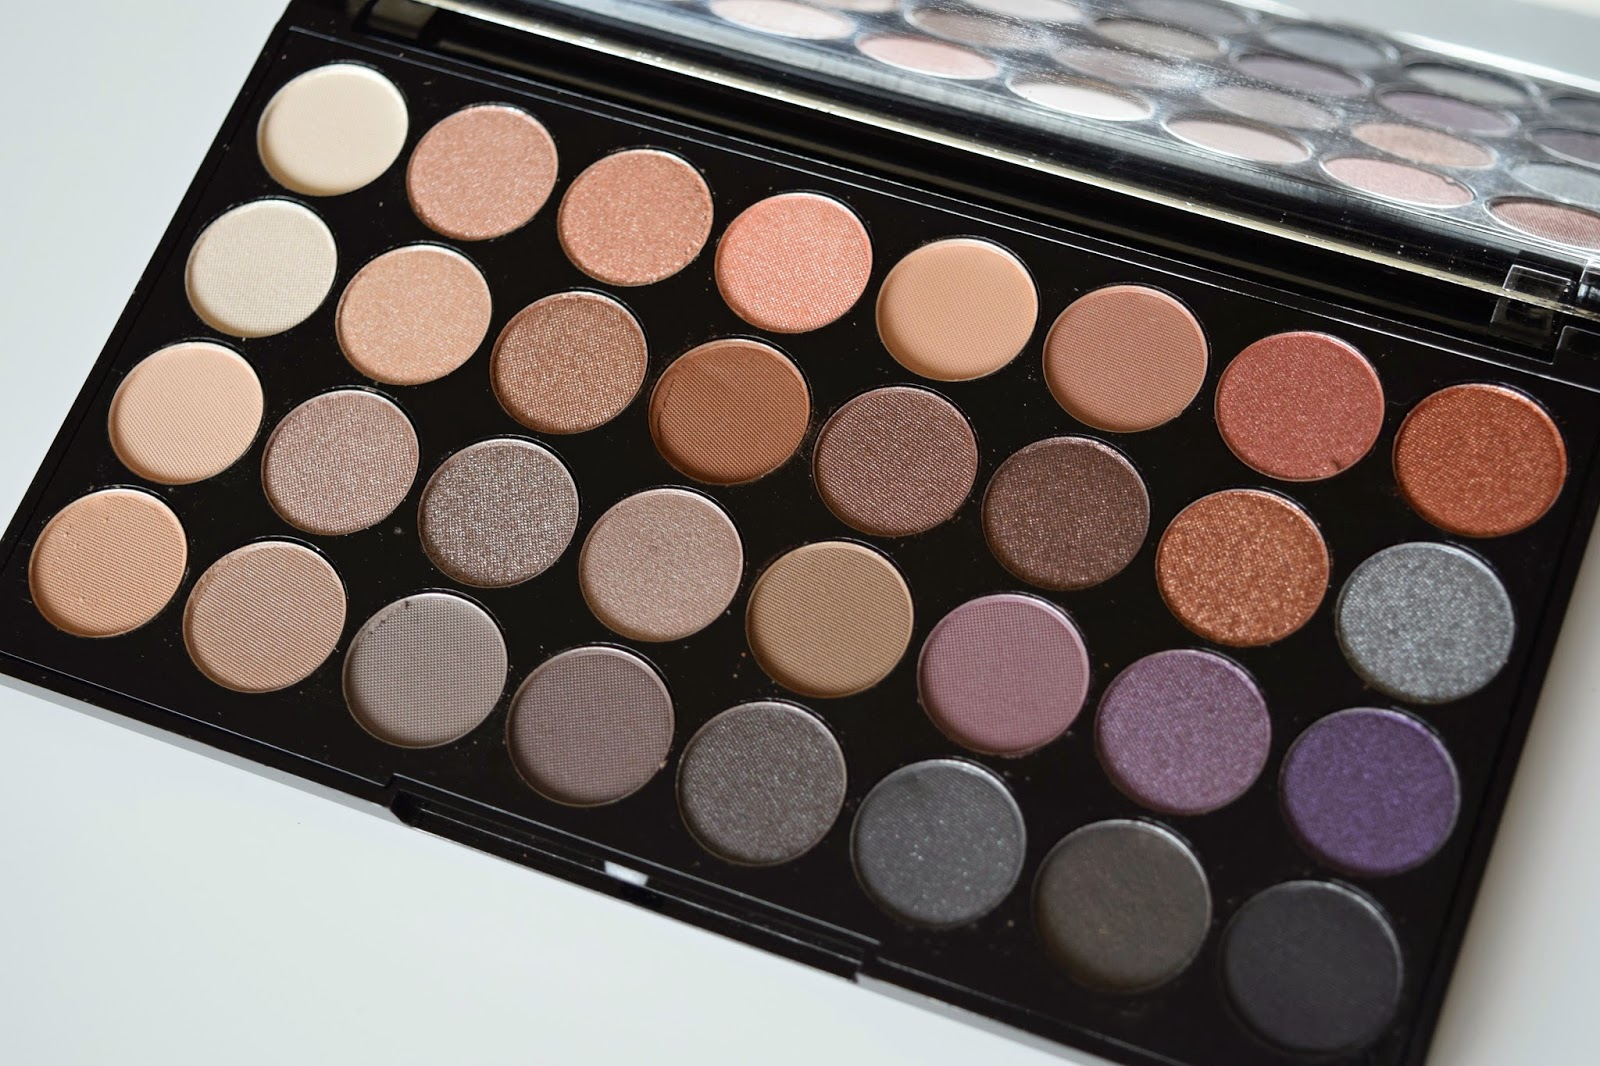 makeup revolution new release the 39 affirmation 39 32 shade. Black Bedroom Furniture Sets. Home Design Ideas